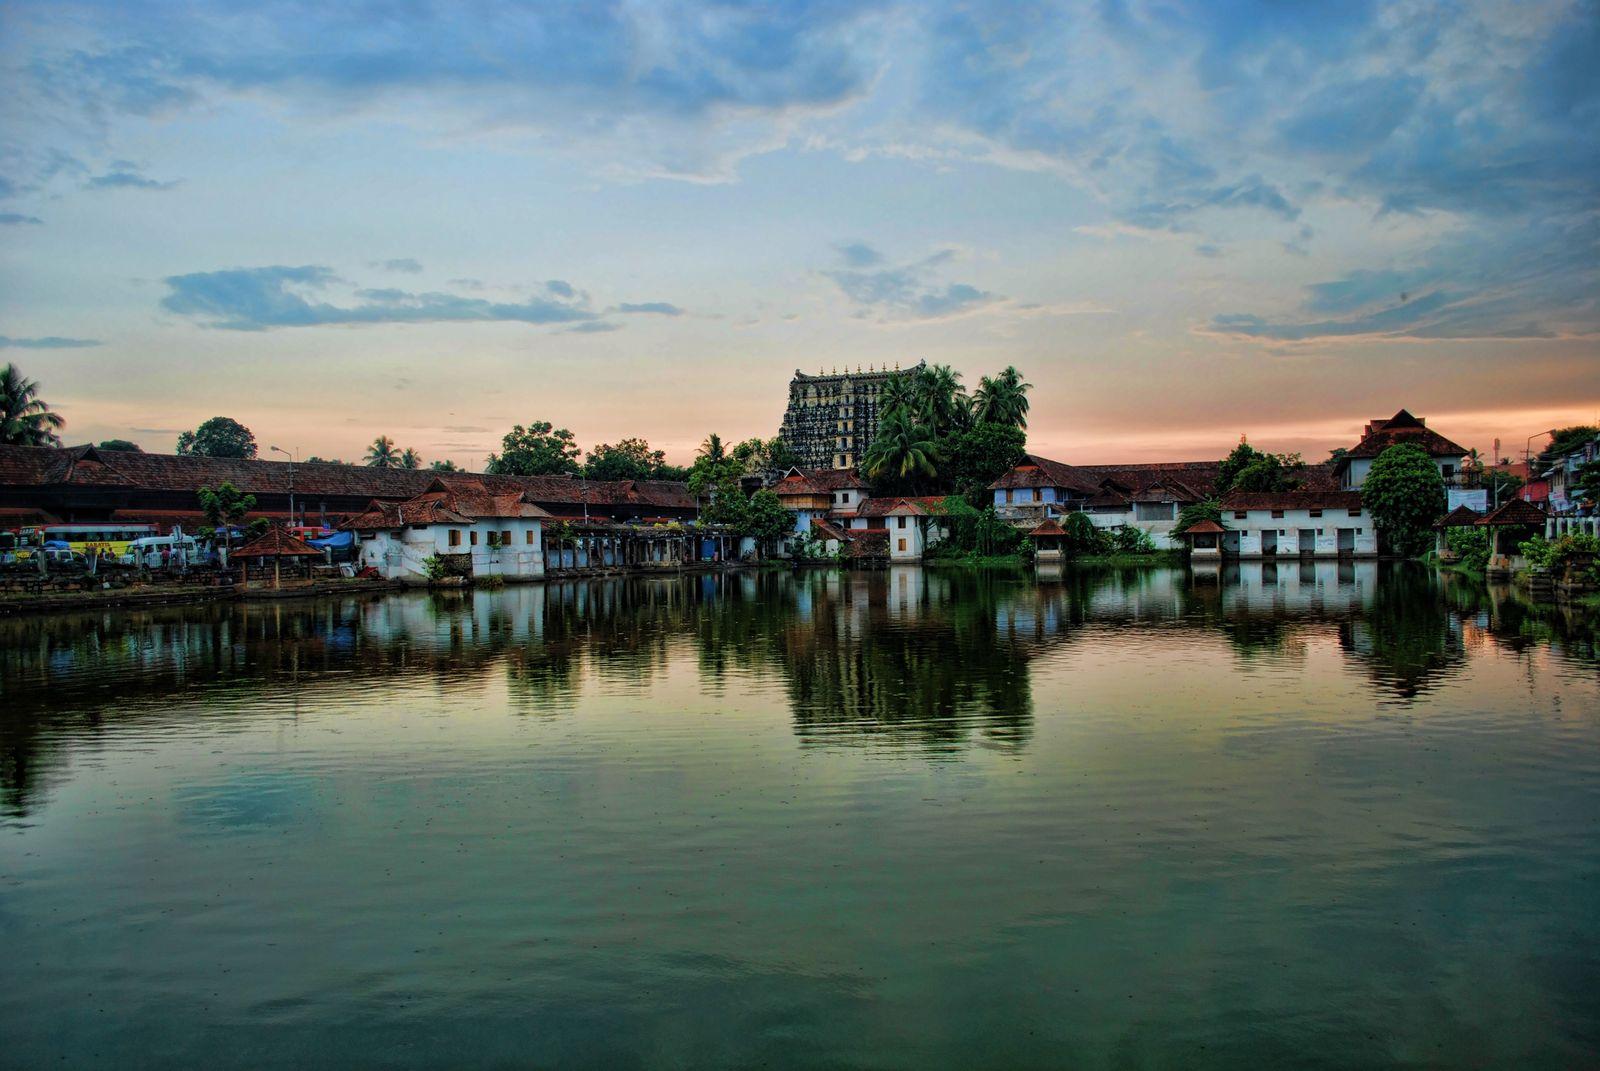 Thiruvananthapuram-is-an-academic-hub.jpg